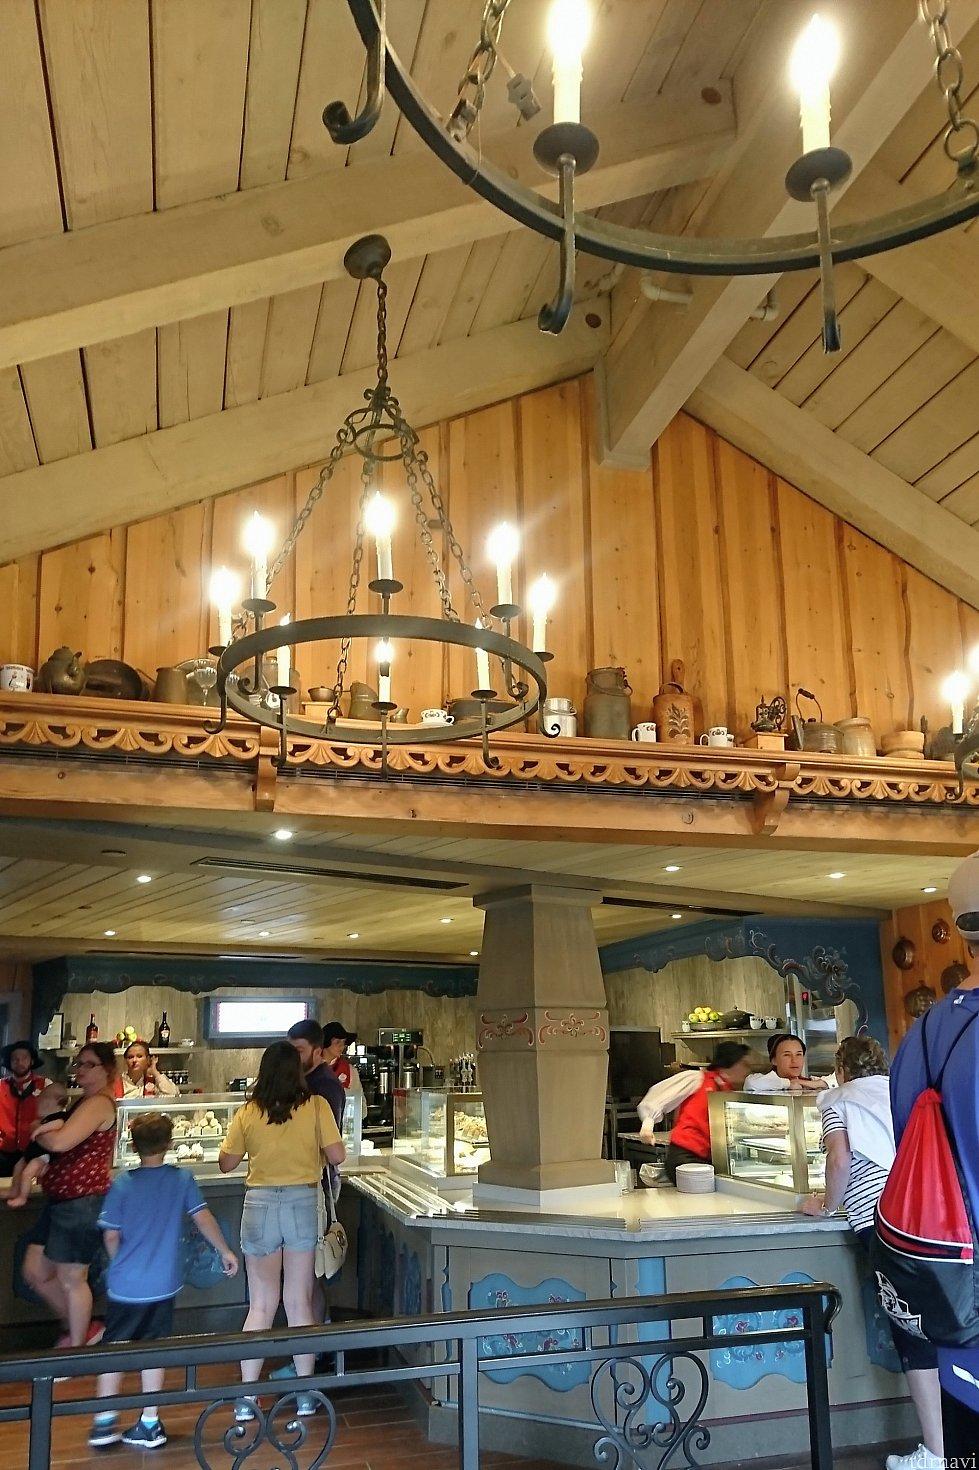 入り口は小さいのに、中に入ると天井が高い!そして船底の形!照明や小物が素敵です。